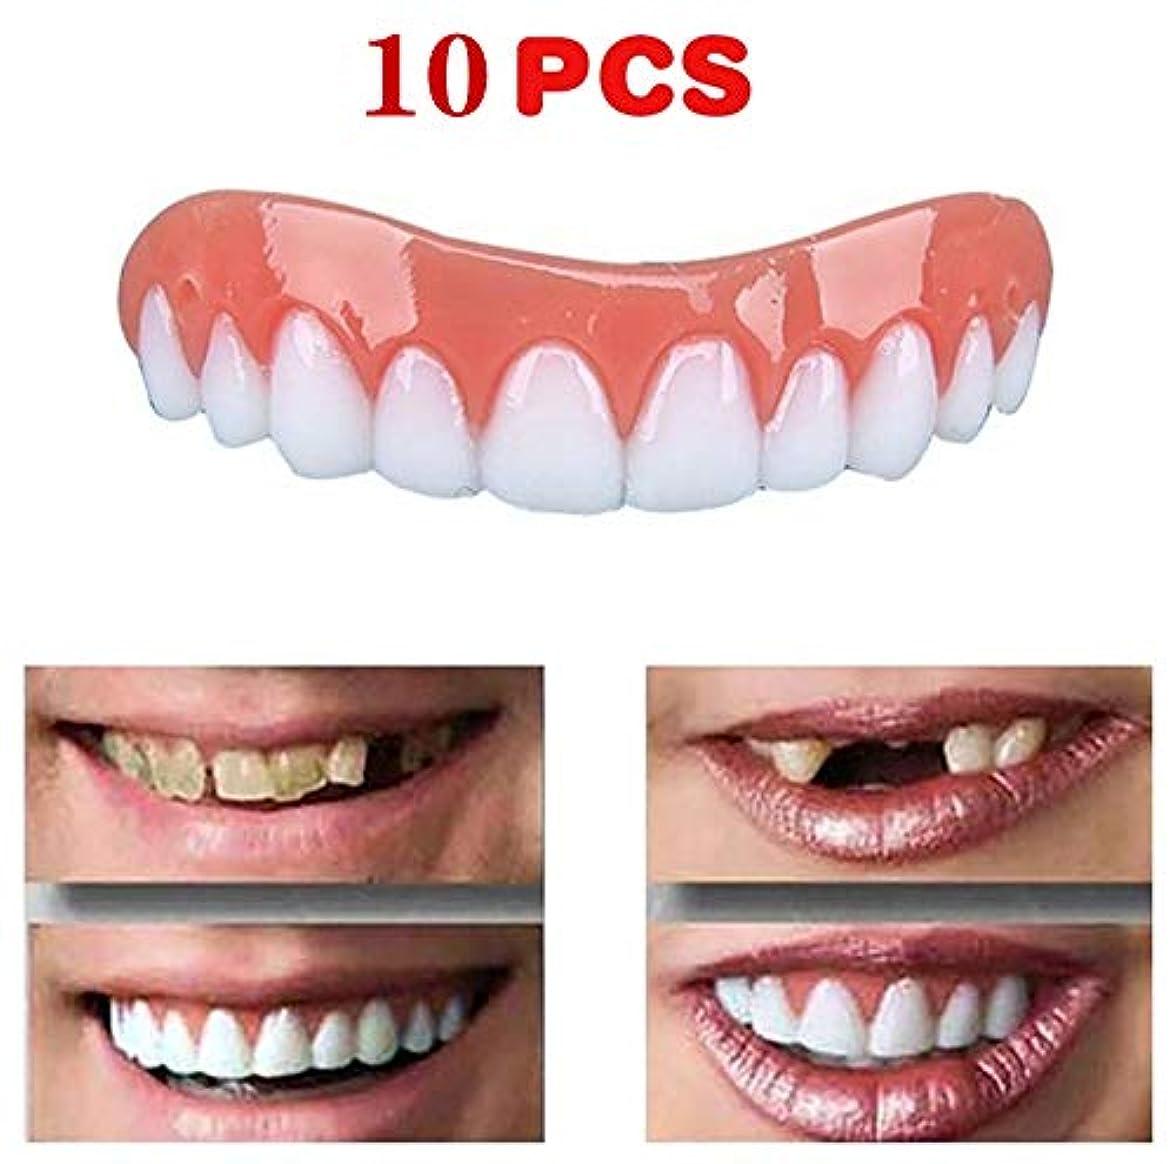 支出値する責める新しい再利用可能な大人のスナップオンパーフェクトスマイルホワイトニング義歯フィットフレックス化粧品歯快適なベニアカバーデンタルケアアクセサリー